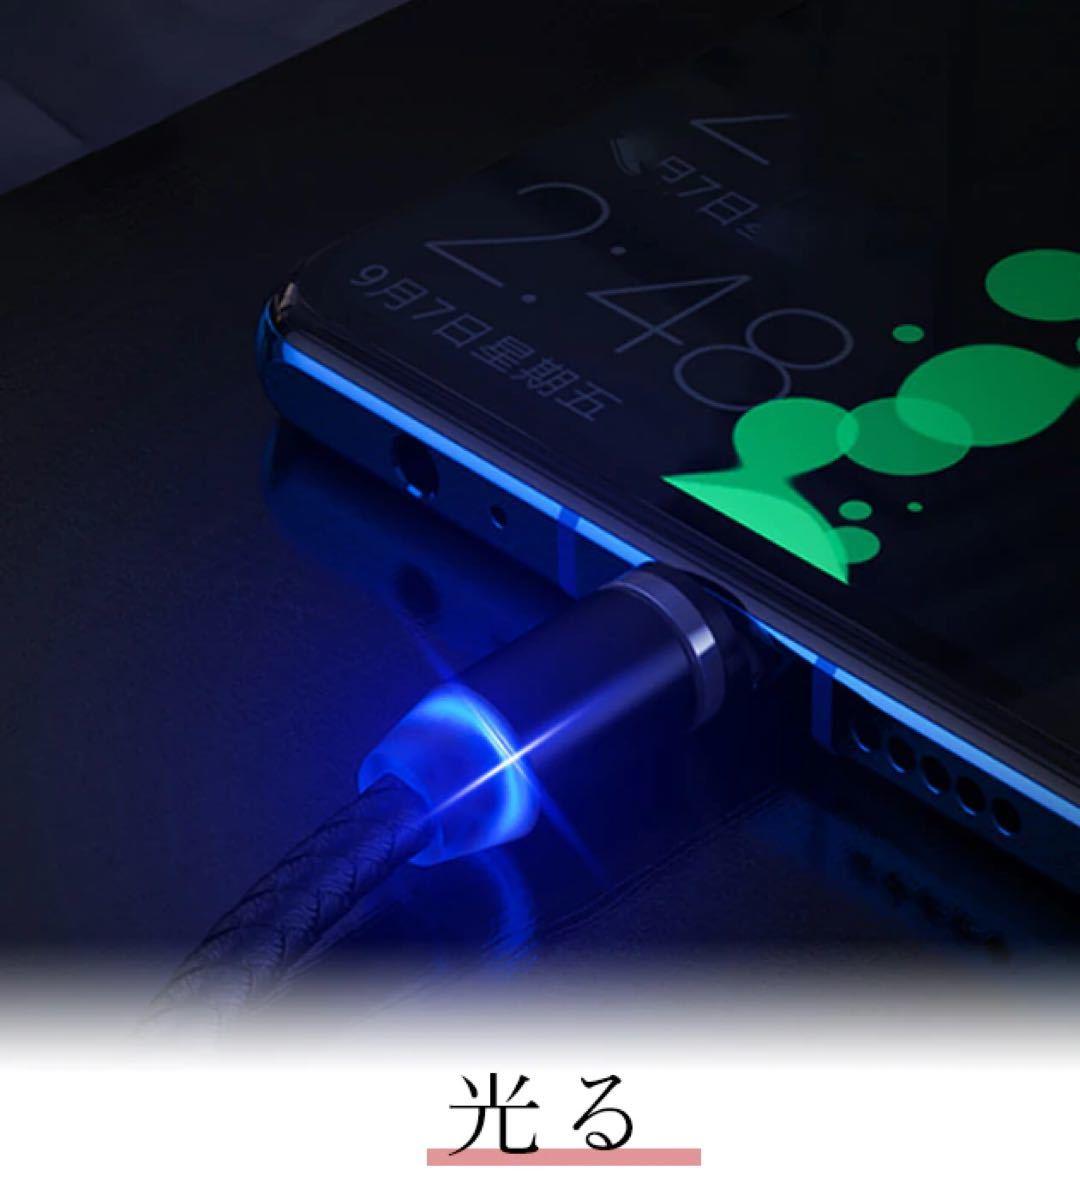 マグネット充電ケーブル1M*3本+端子*6(iPhone *2+Android *2+TYPE-C*2)急速充電 磁石式ケーブル